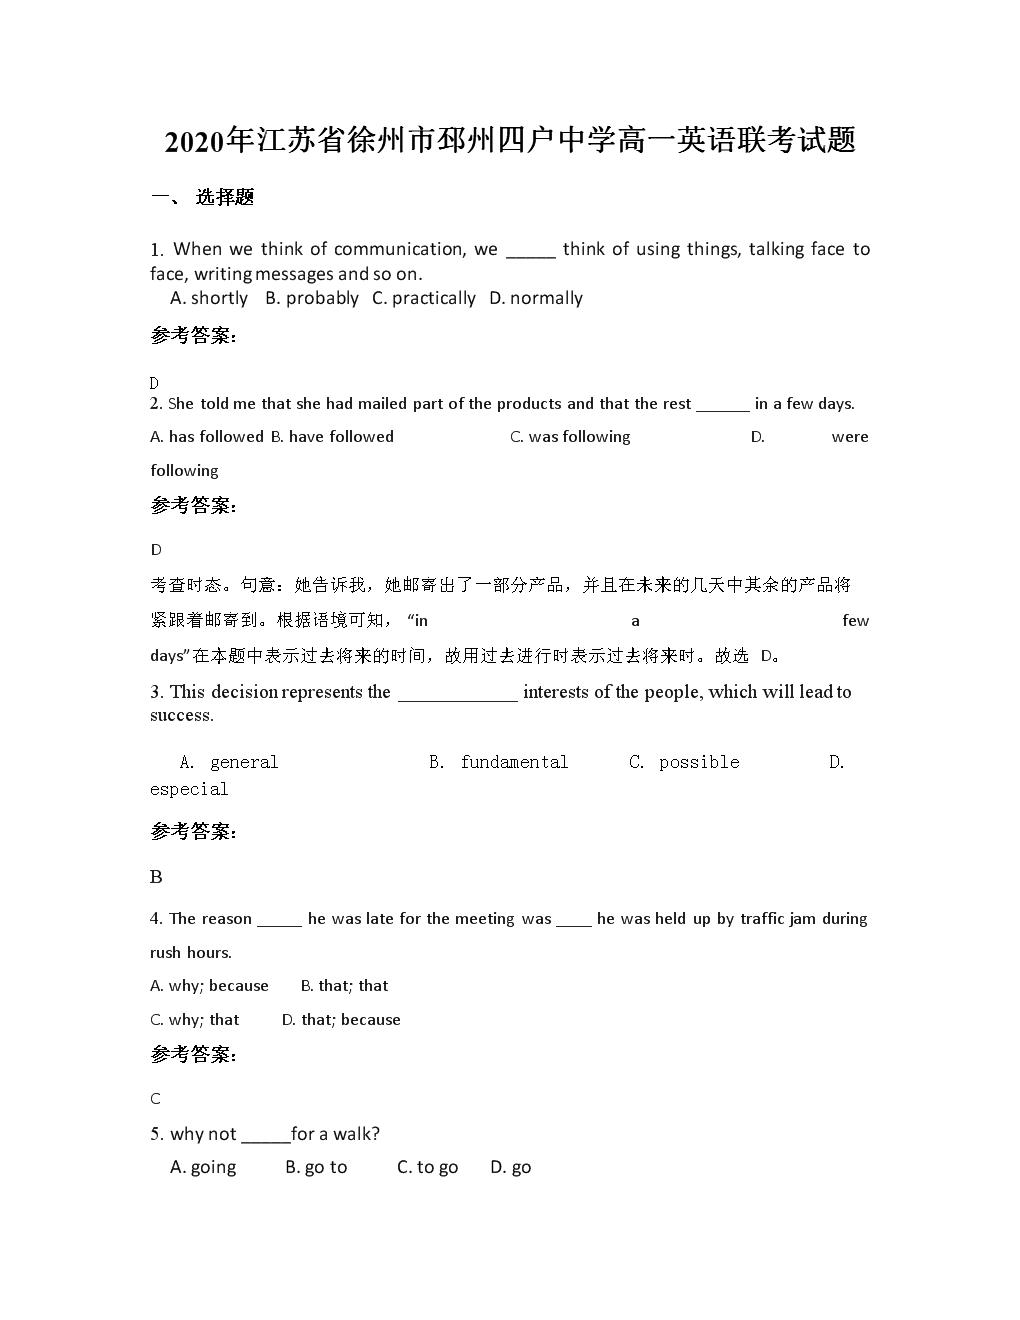 2020年江苏省徐州市邳州四户中学高一英语联考试题.docx